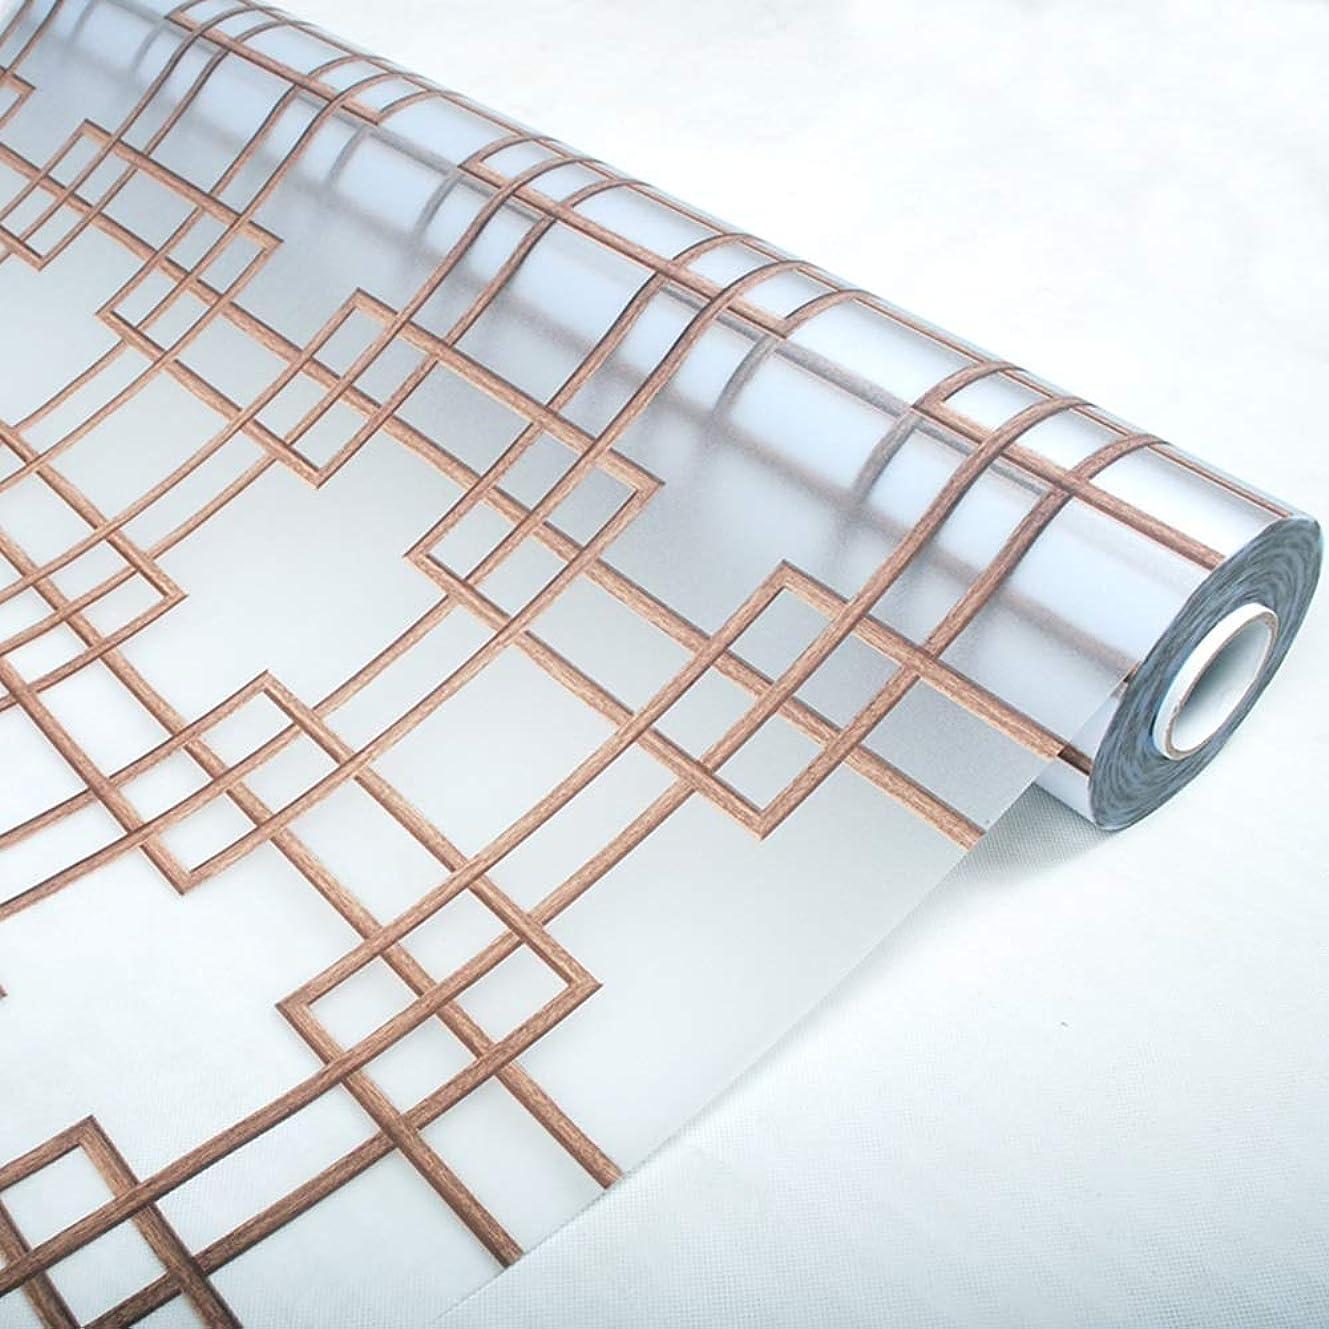 手書き計画的毎月FENDOUBA 窓フィルム プライバシーウィンドウフィルム装飾ガラスフィルム静的しがみつくガラスフィルム3Dコーヒーグリッド曇らされたホームオフィス用レトロステッカー (Size : Length x width 78.7x23.6inch)